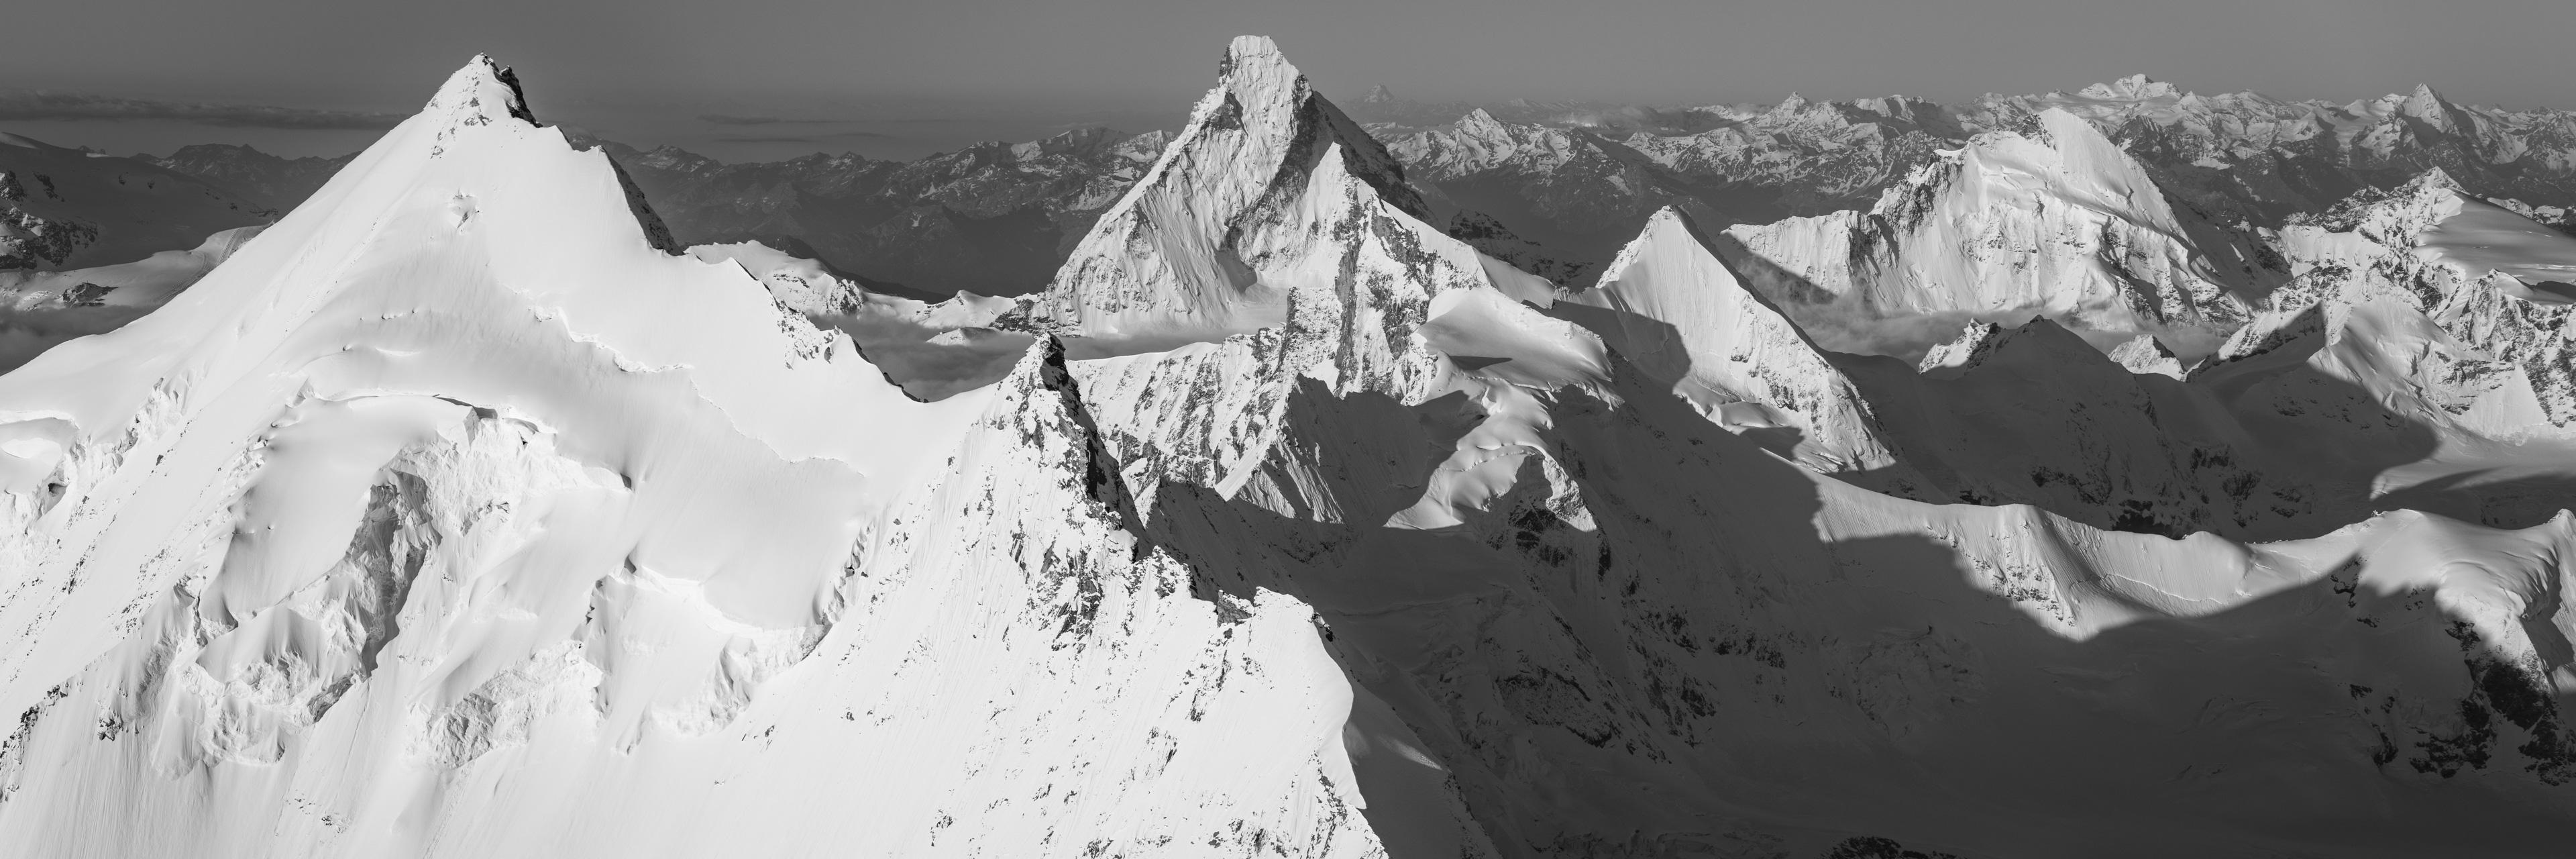 Mont Viso - panorama montagne de la couronne impériale de Zinal dans les montagnes Alpine Suisses